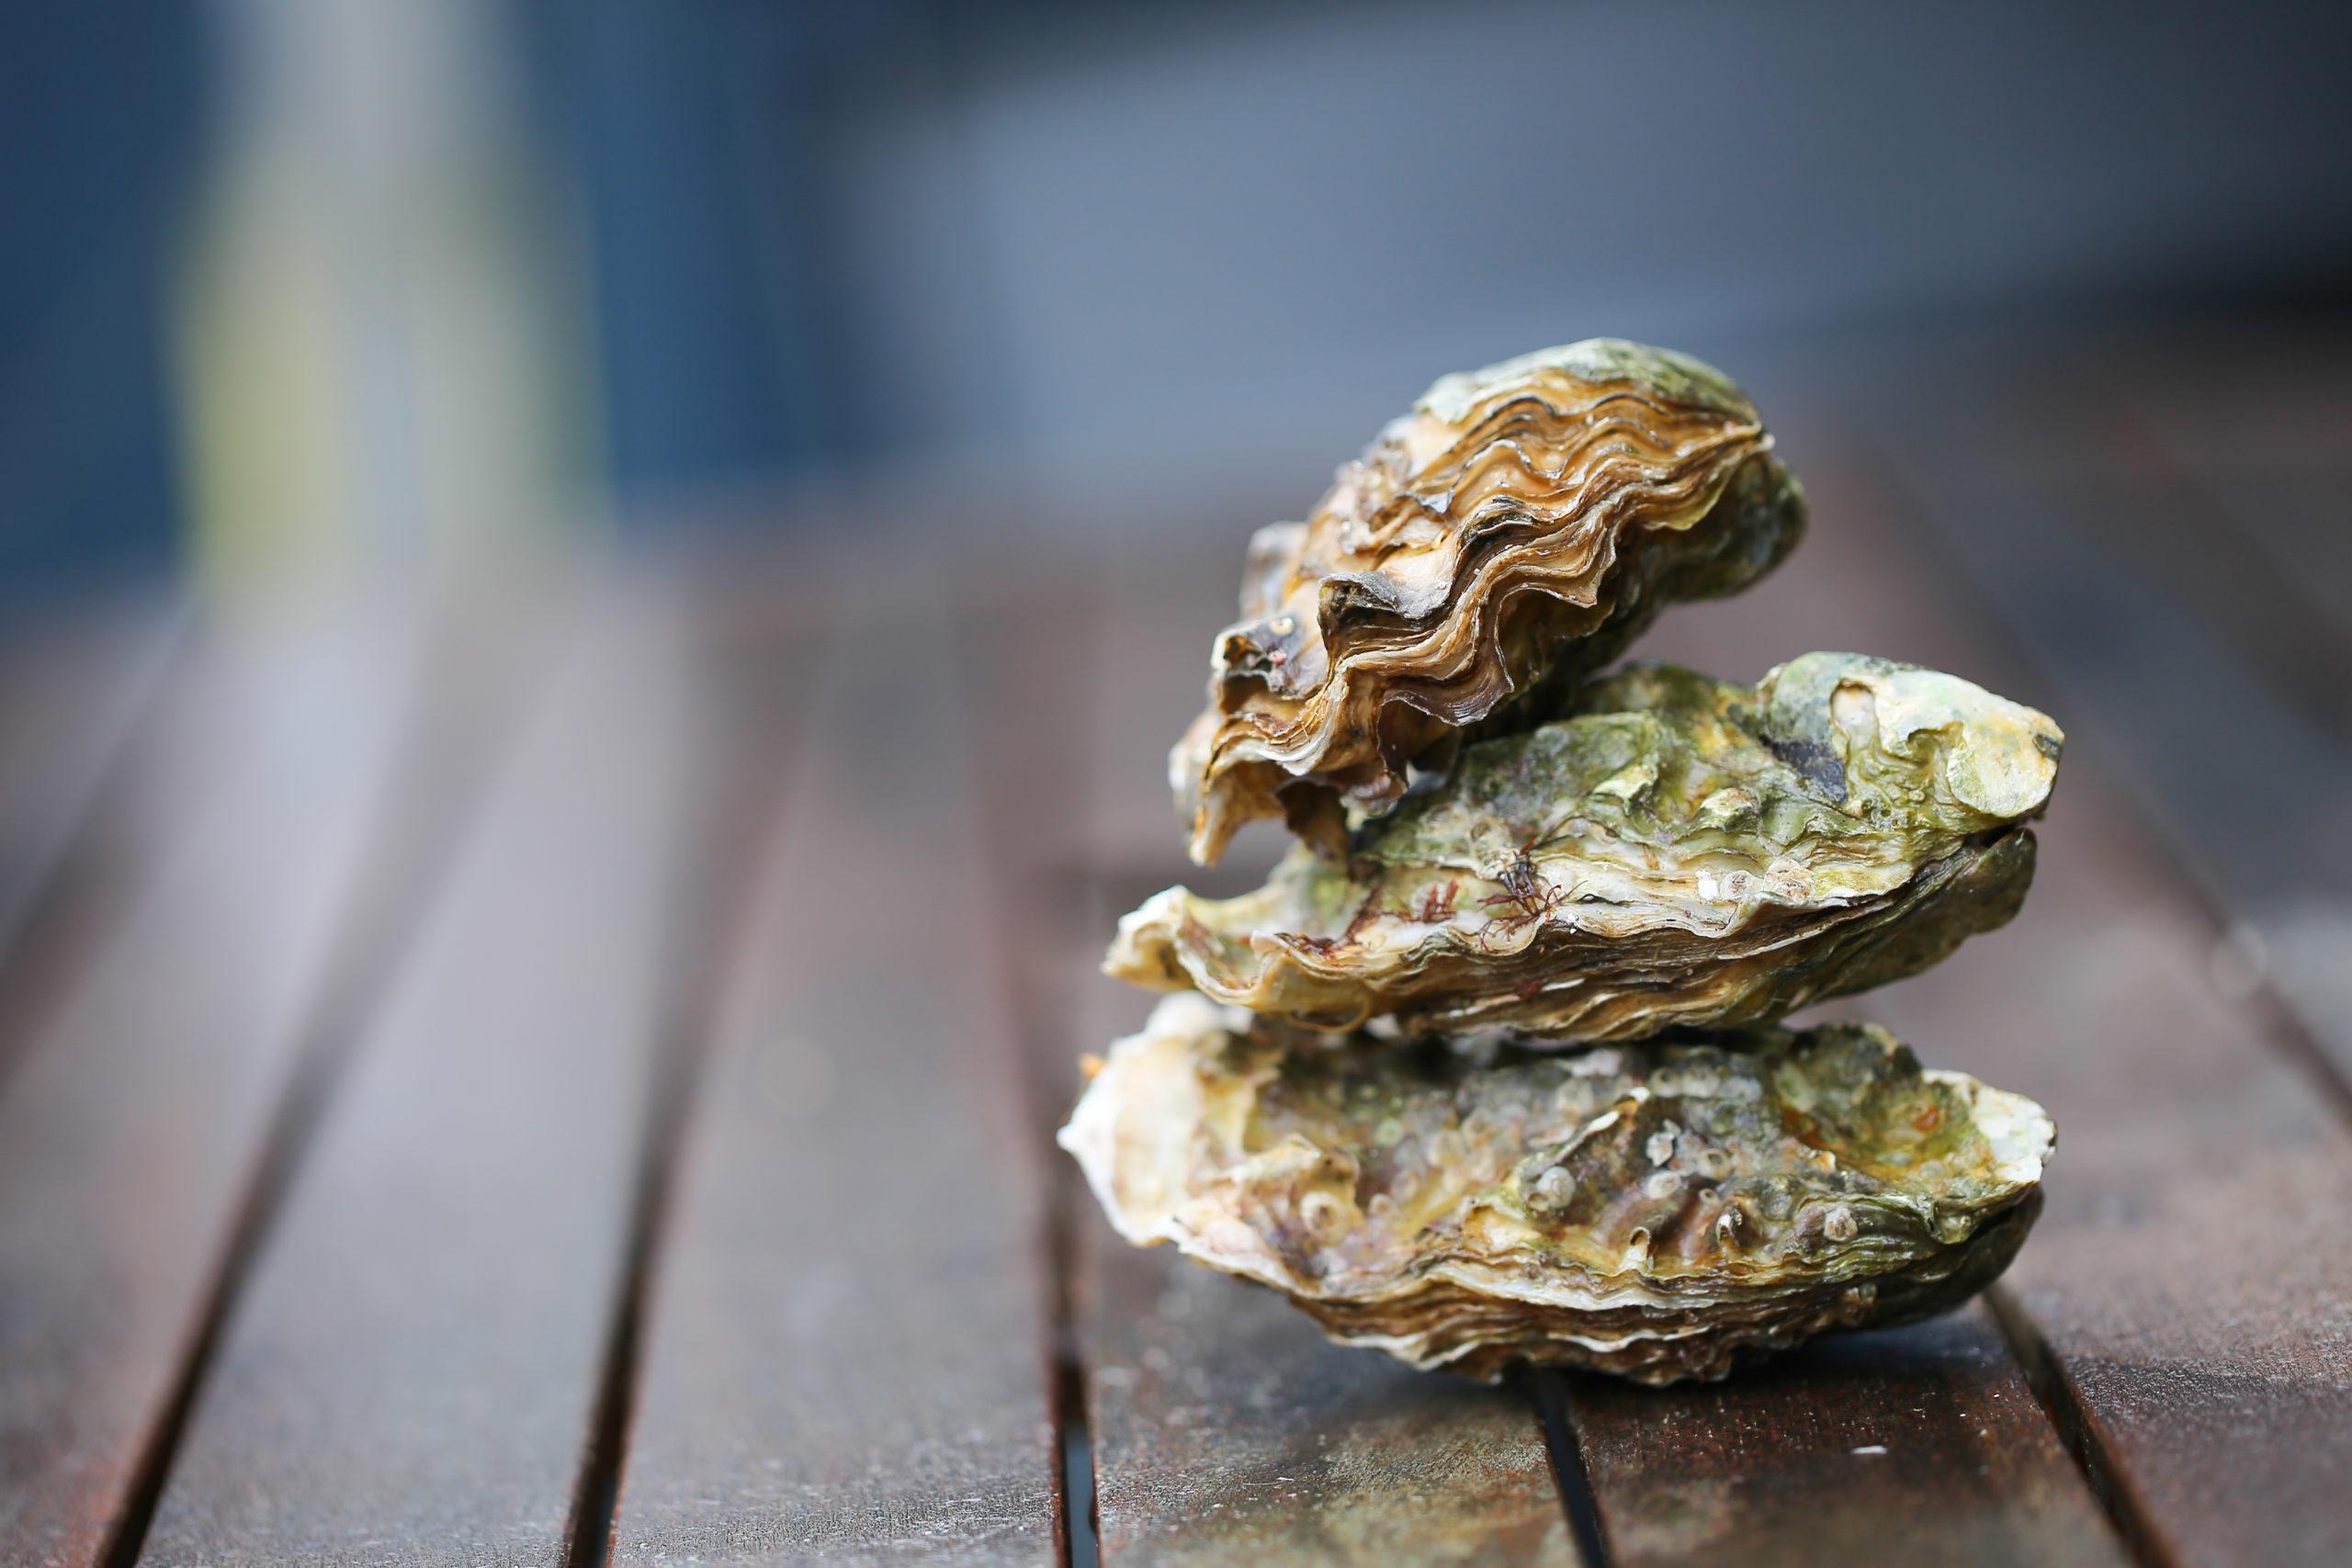 Recyclage : que faire des coquilles d'huîtres ?